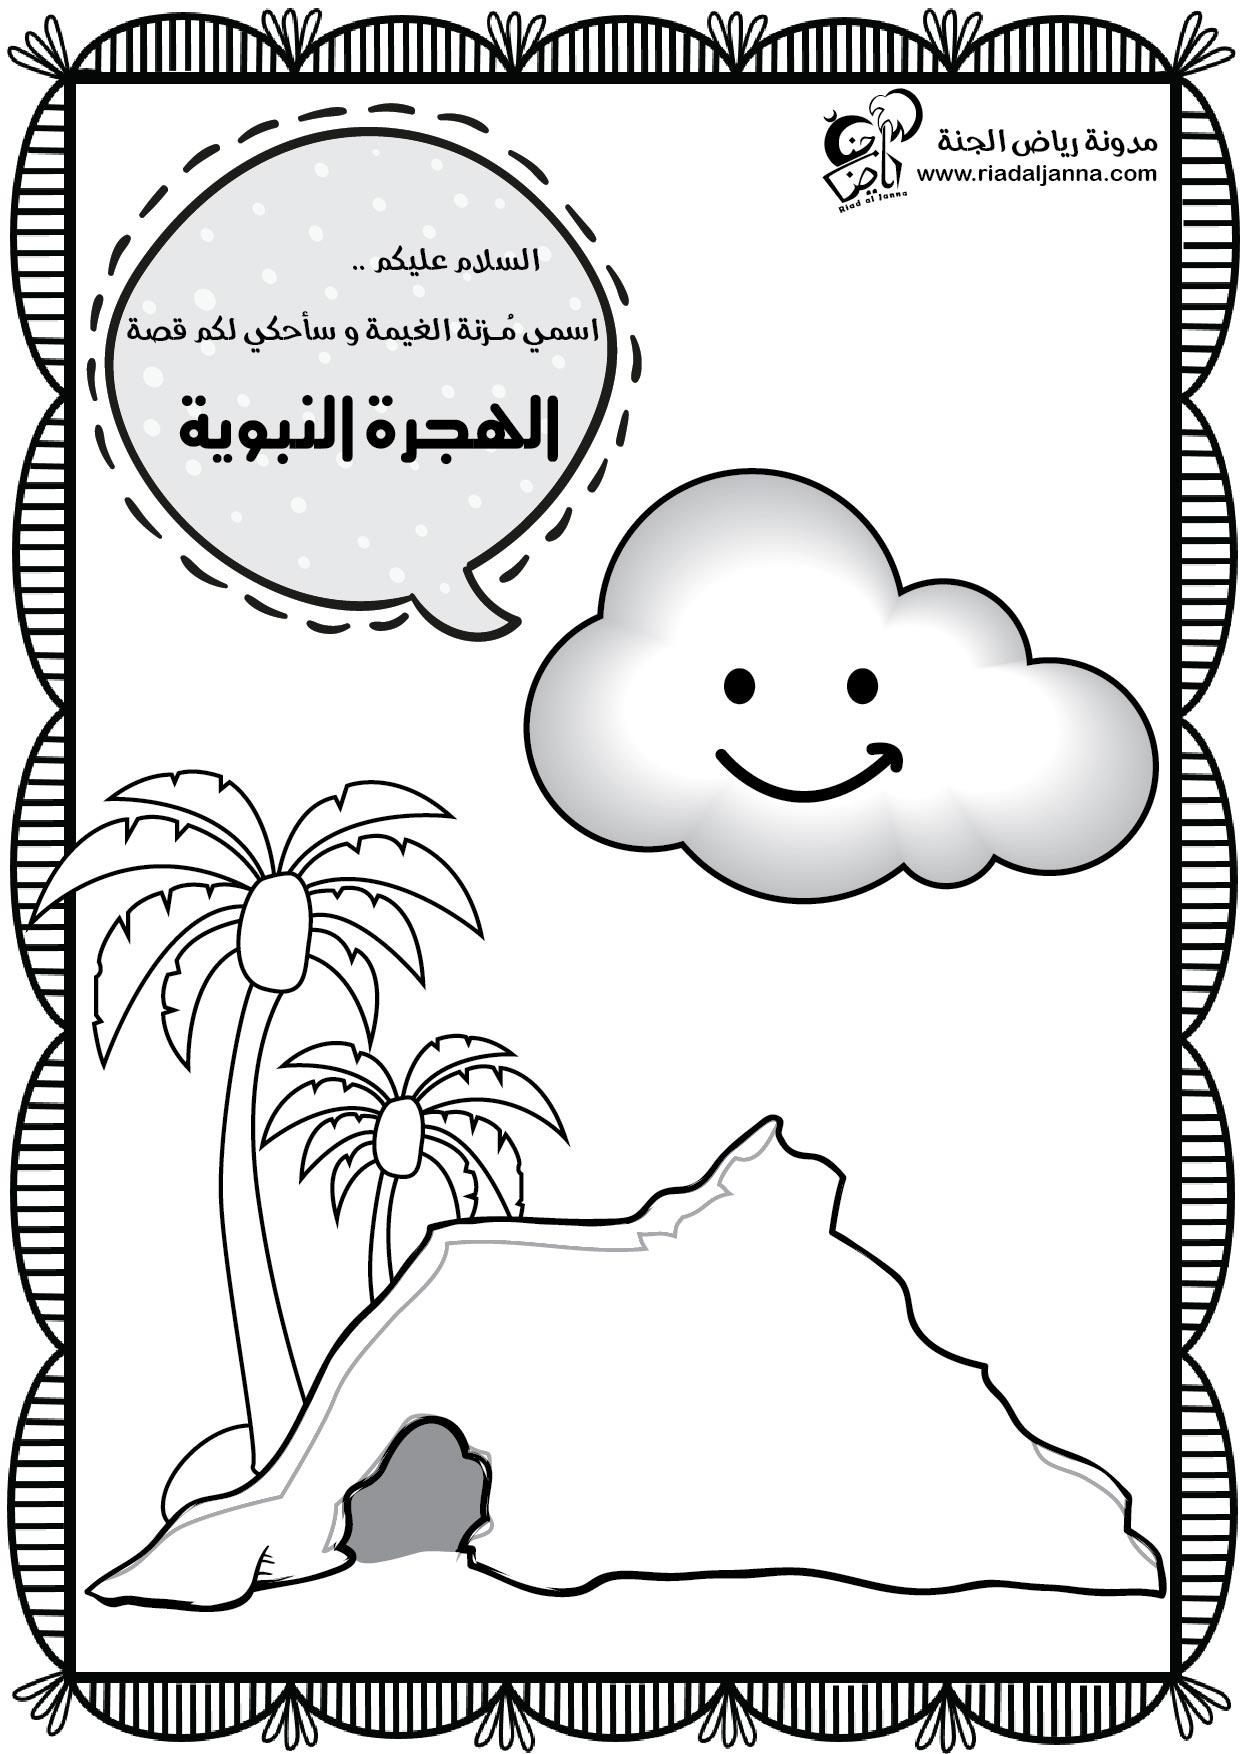 كتيب الهجرة النبوية الشريفة للأطفال رياض الجنة